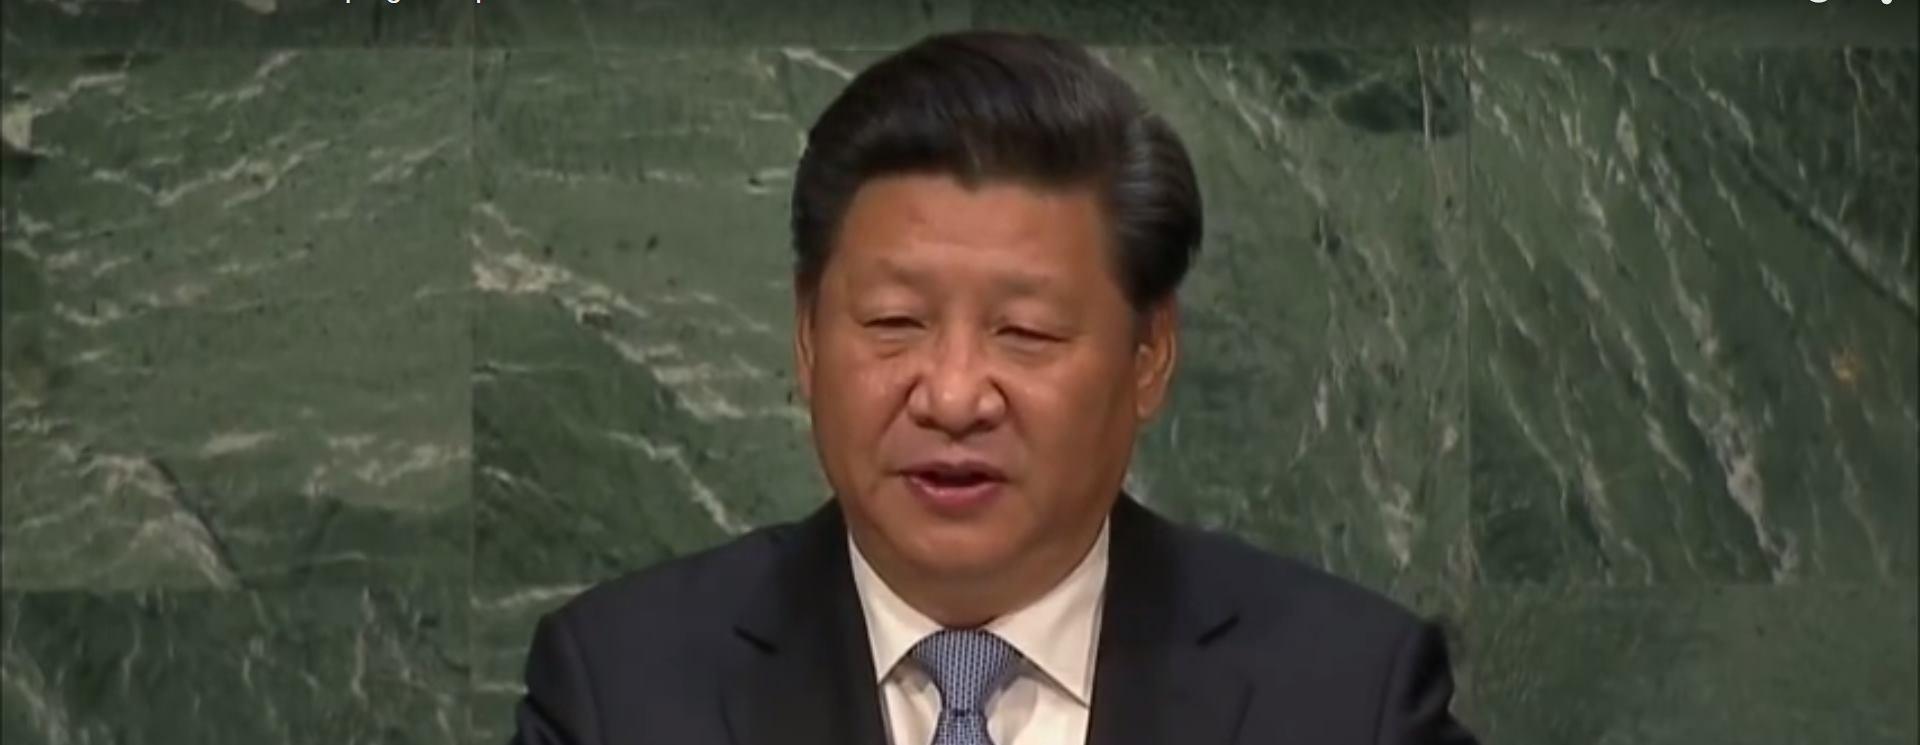 VIDEO: Kineski predsjednik Xi Jinping započeo posjet Velikoj Britaniji